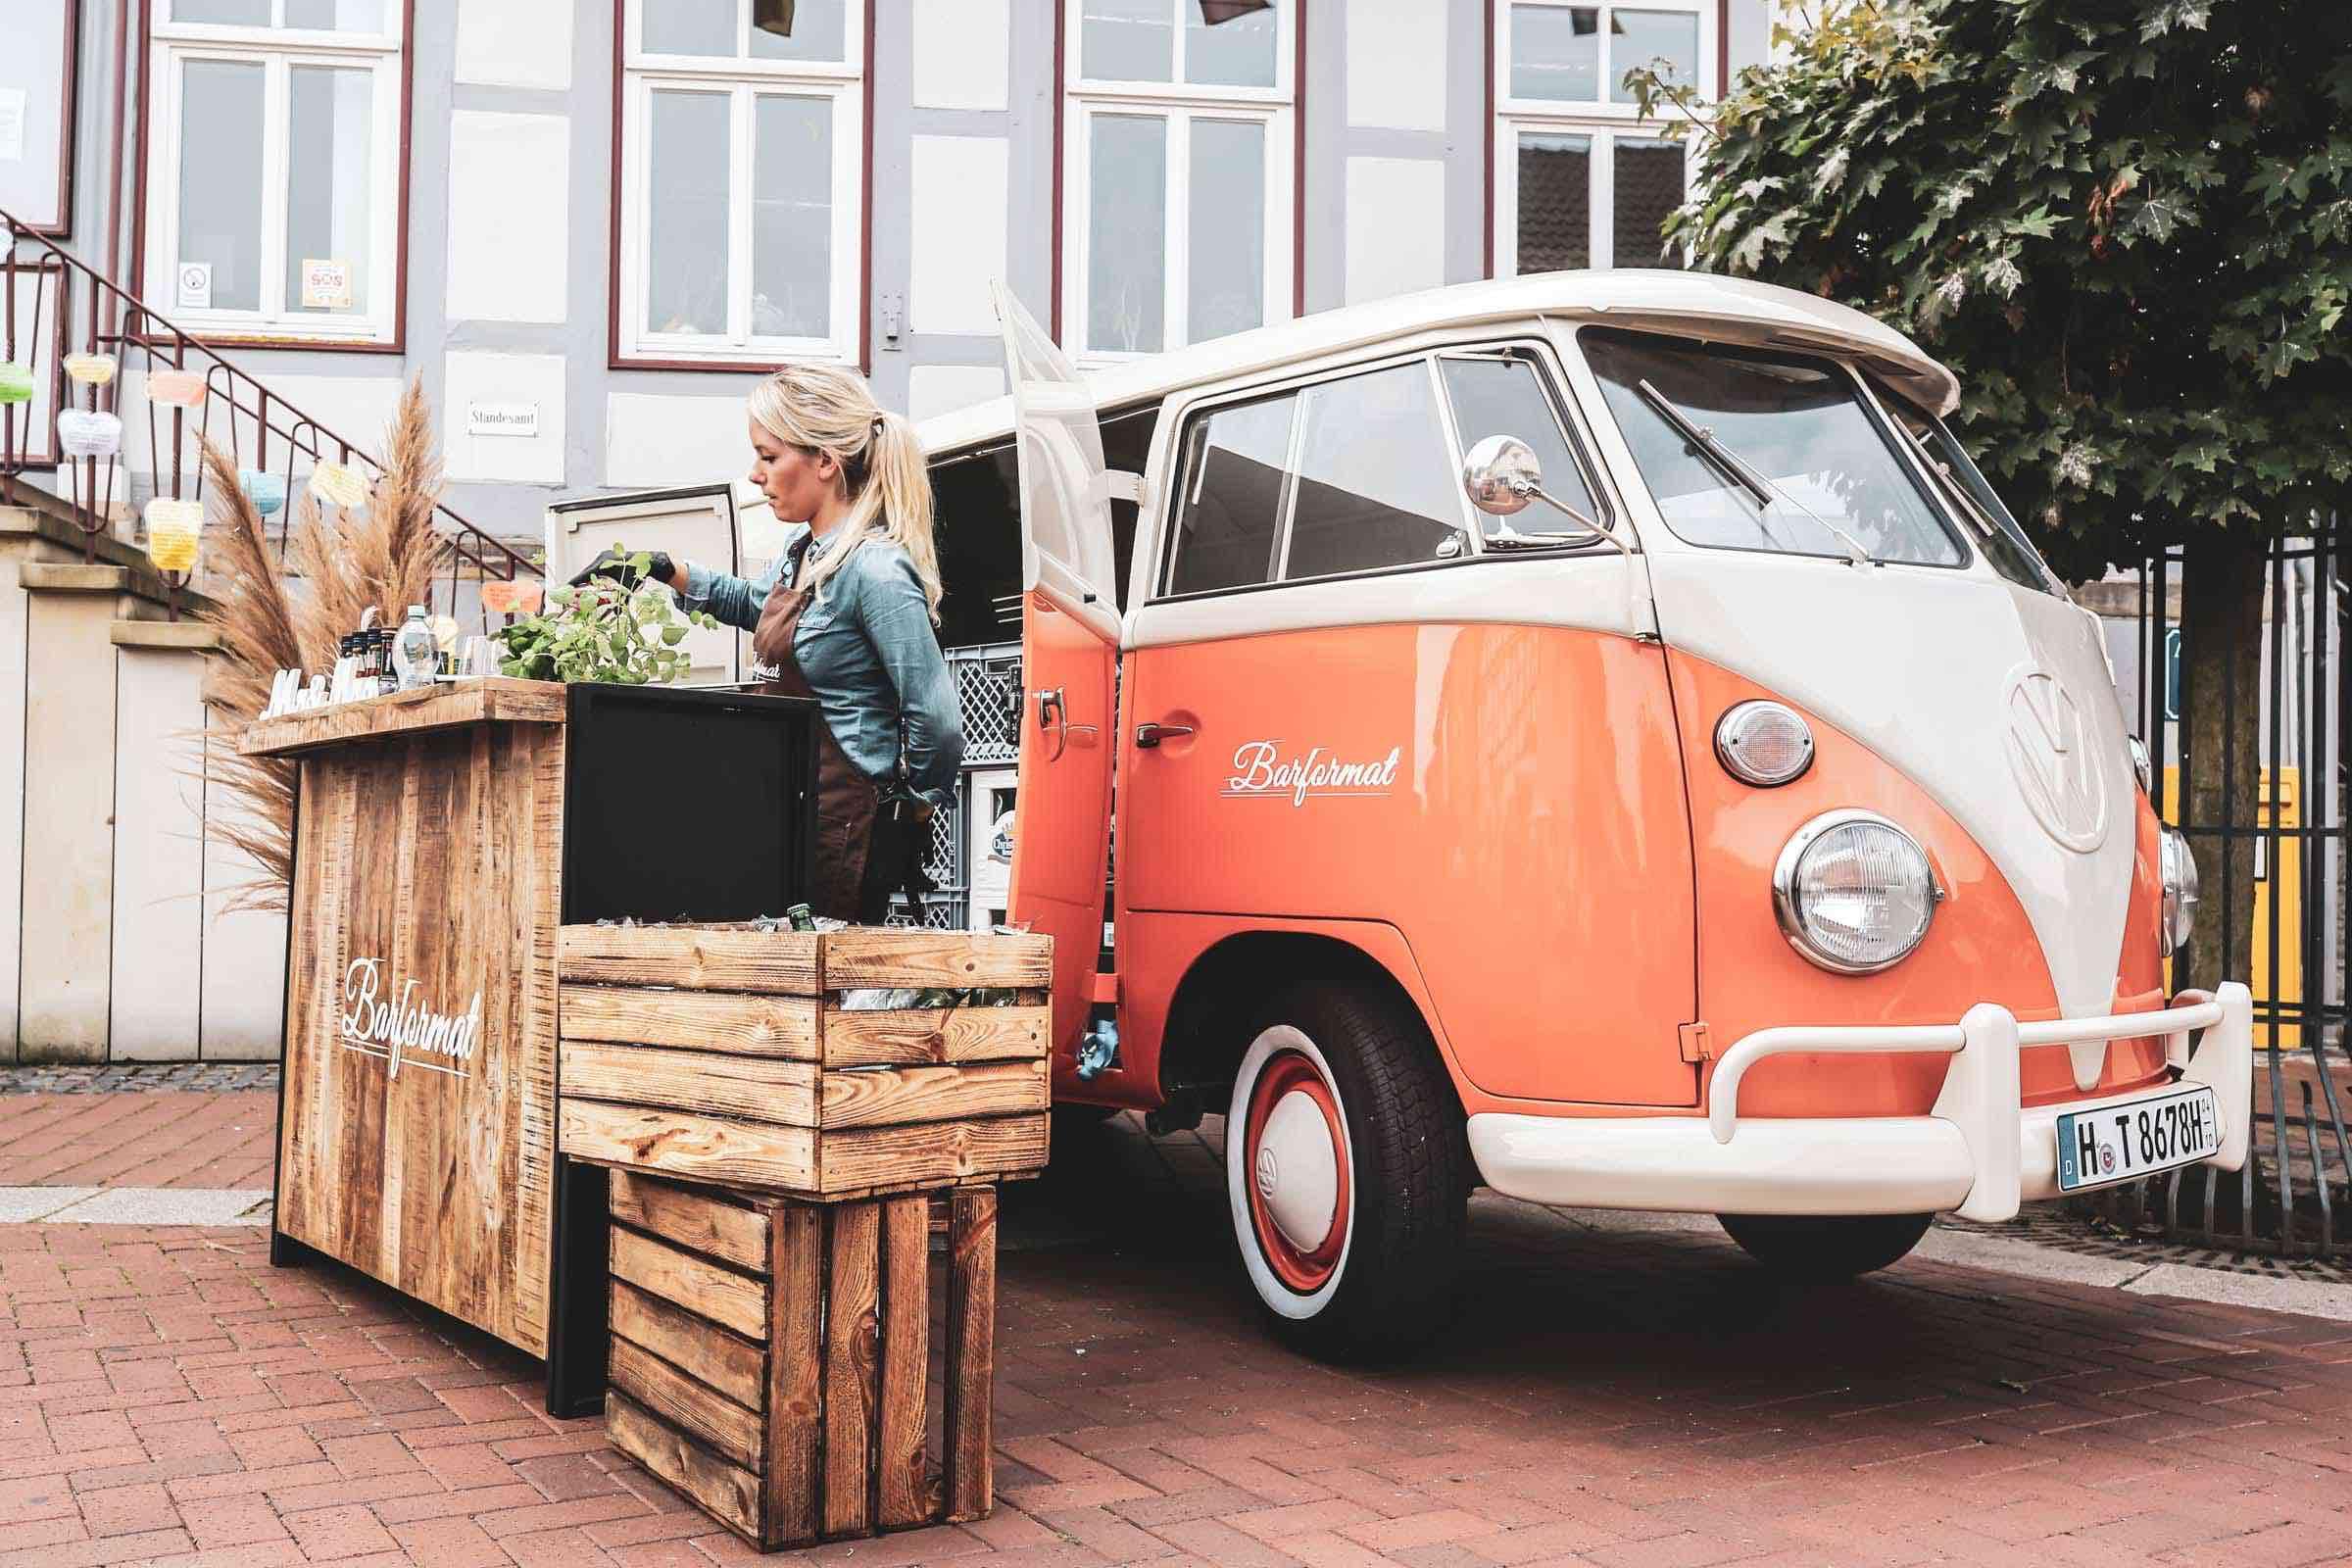 Mobile | Cocktailbar | Hamburg | Hochzeit | Sektempfang | Barkeeper | Mieten | Geburtstag | Ape | VW | Bar | Getränke | Catering | Foodtruck | Weinbar | Ginbar | Sektbar | Messe | Kaffeebar